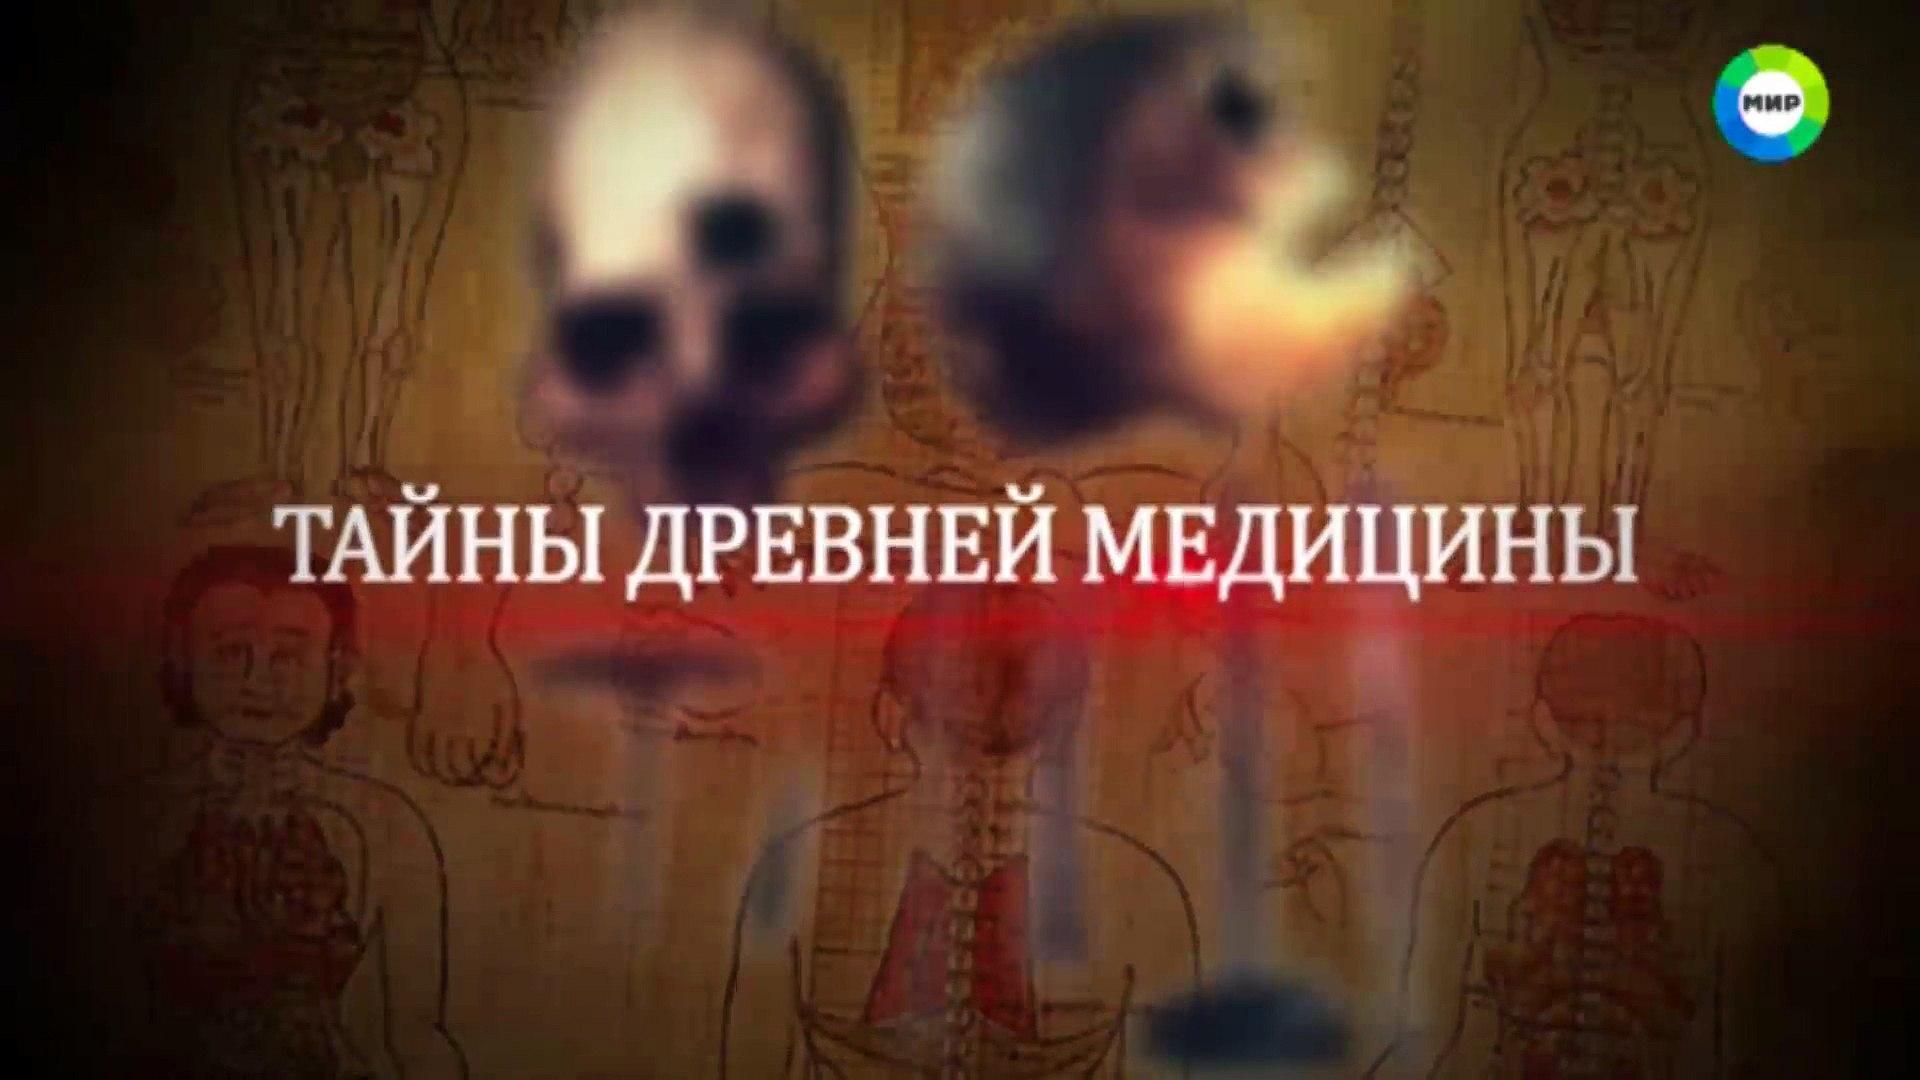 Тайны древней медицины 2015 – Видео Dailymotion